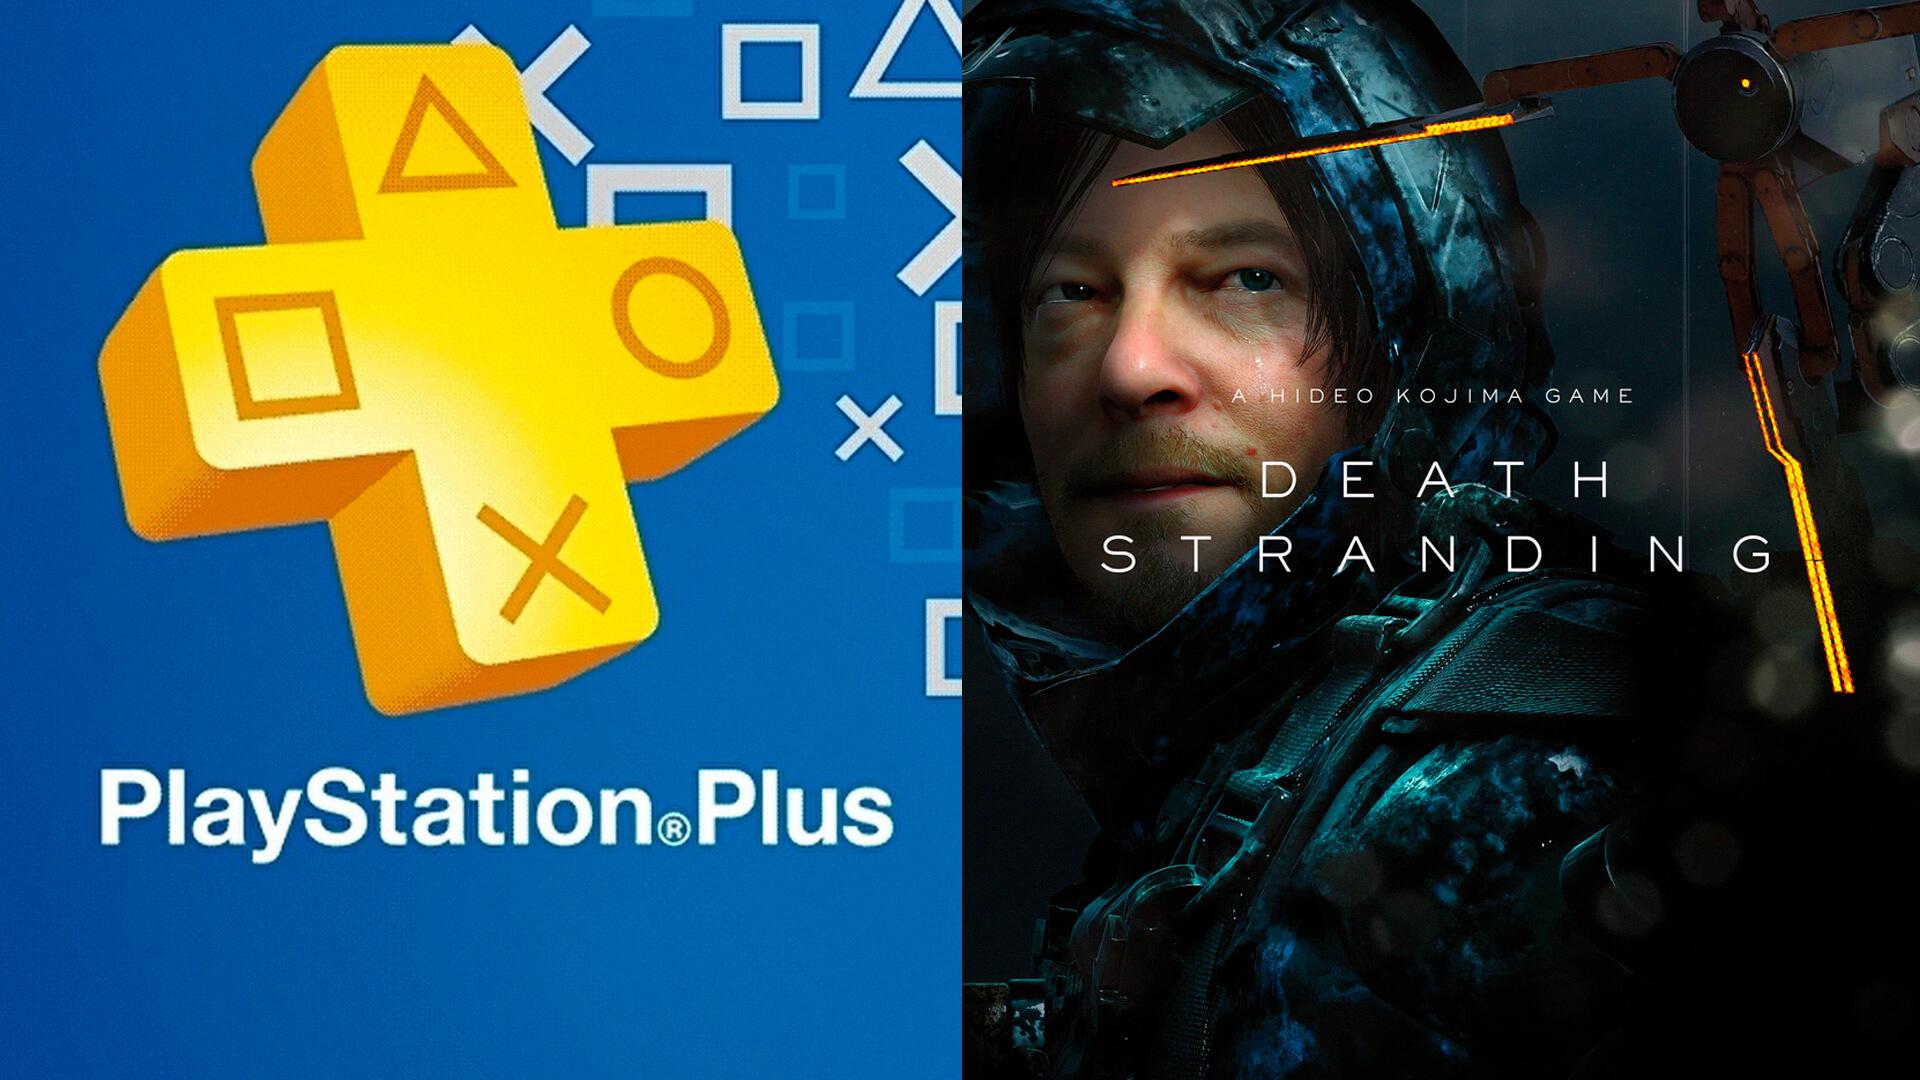 """Um diretor que trabalhou em Death Stranding antecipa as """"grandes notícias"""" para amanhã, junto com a revelação dos jogos da PS Plus Abril."""